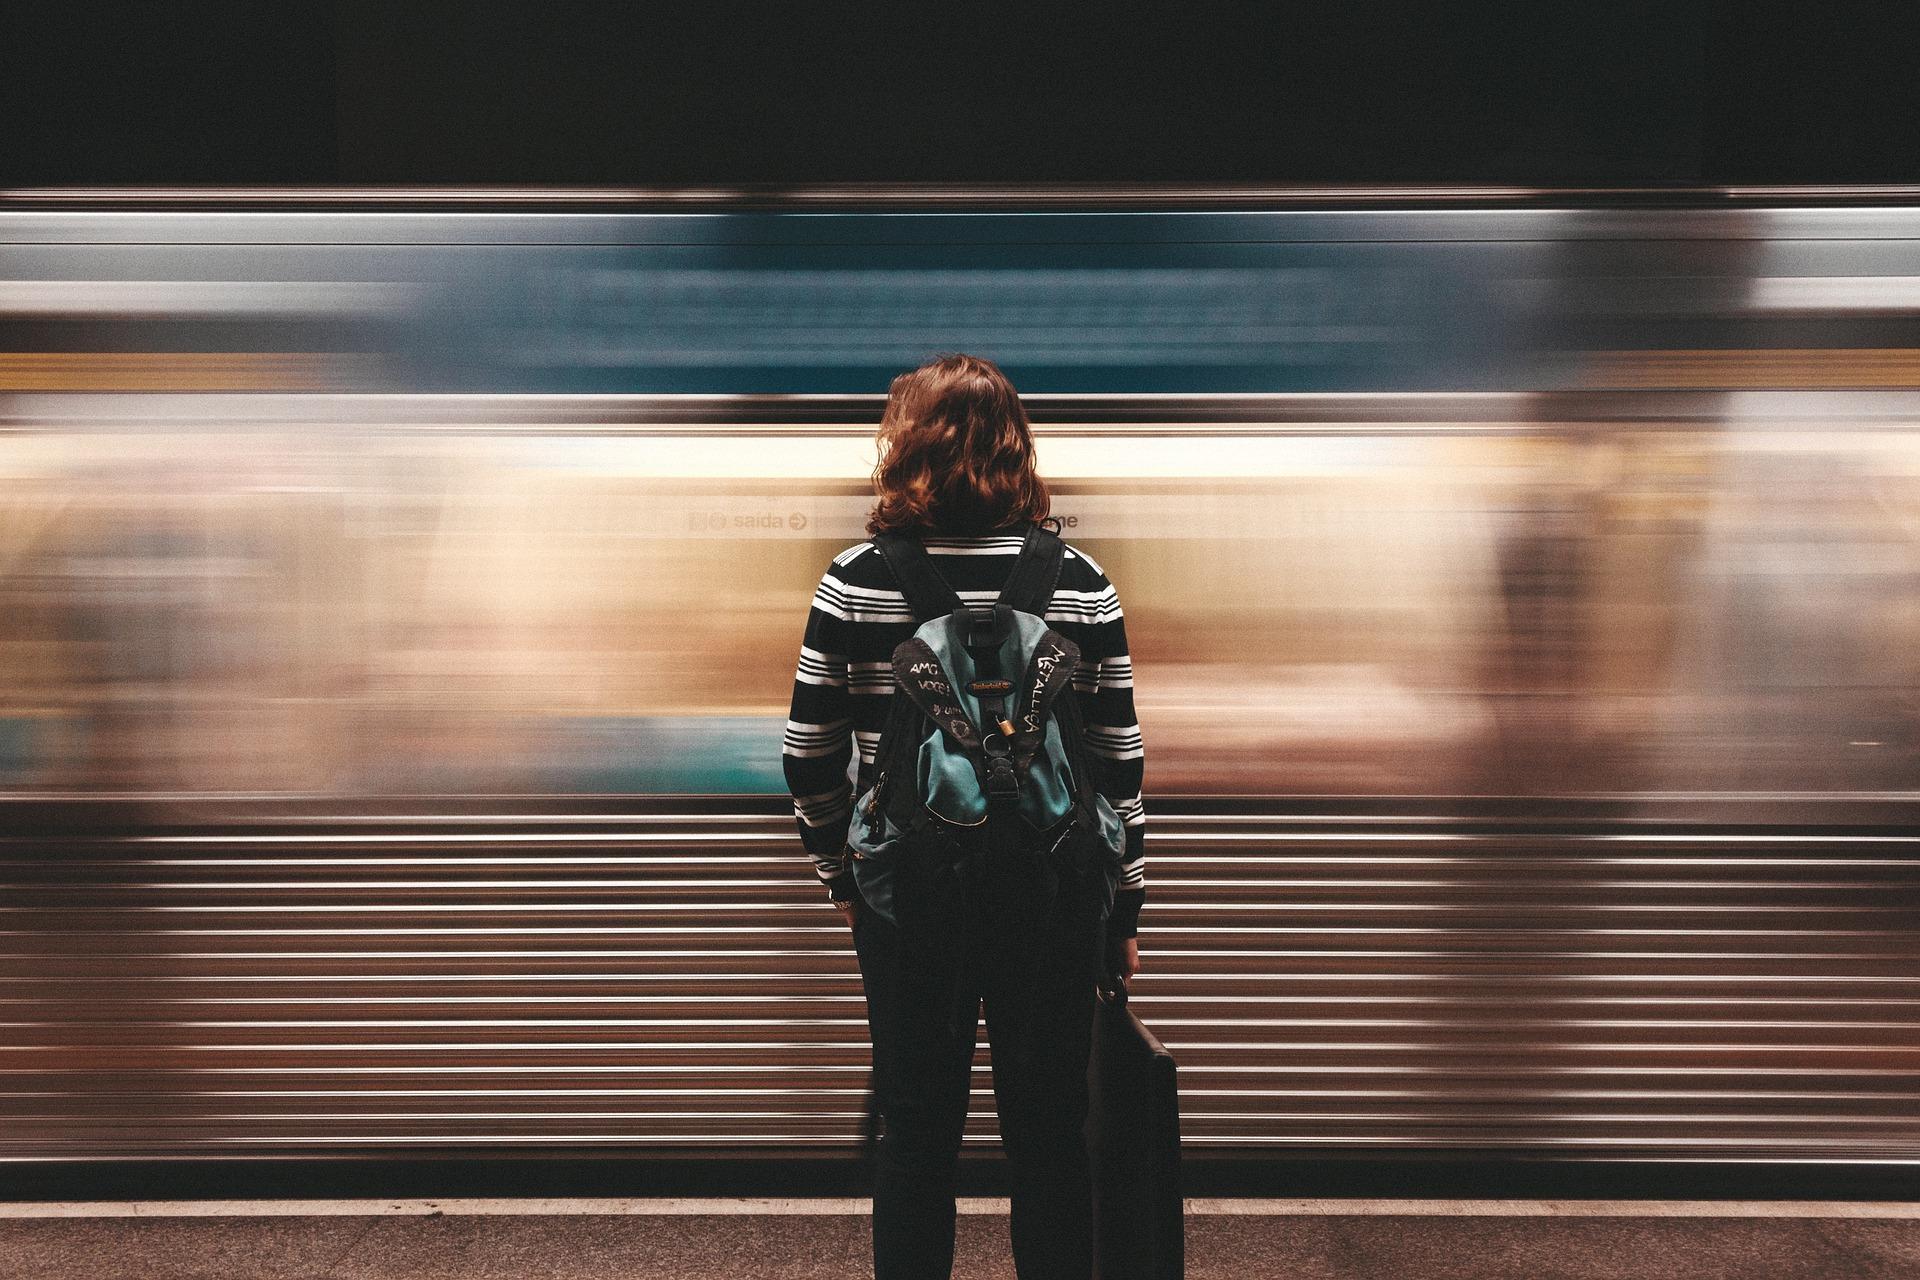 Weniger Langeweile auf Zugfahrten? All die guten Ratschläge helfen nichts, wenn du nicht gut vorbereitet bist!